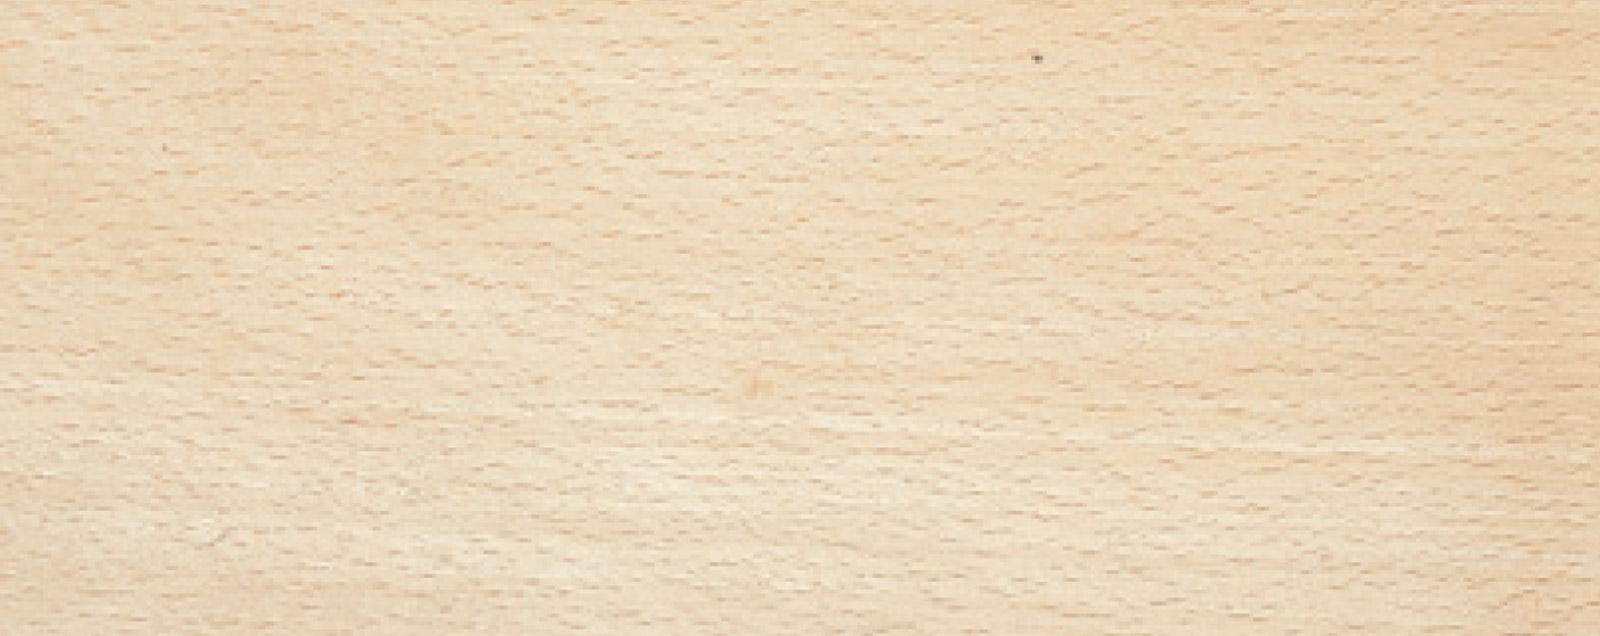 Maderas frondosas haya vaporizada maderas chapar for Color haya madera